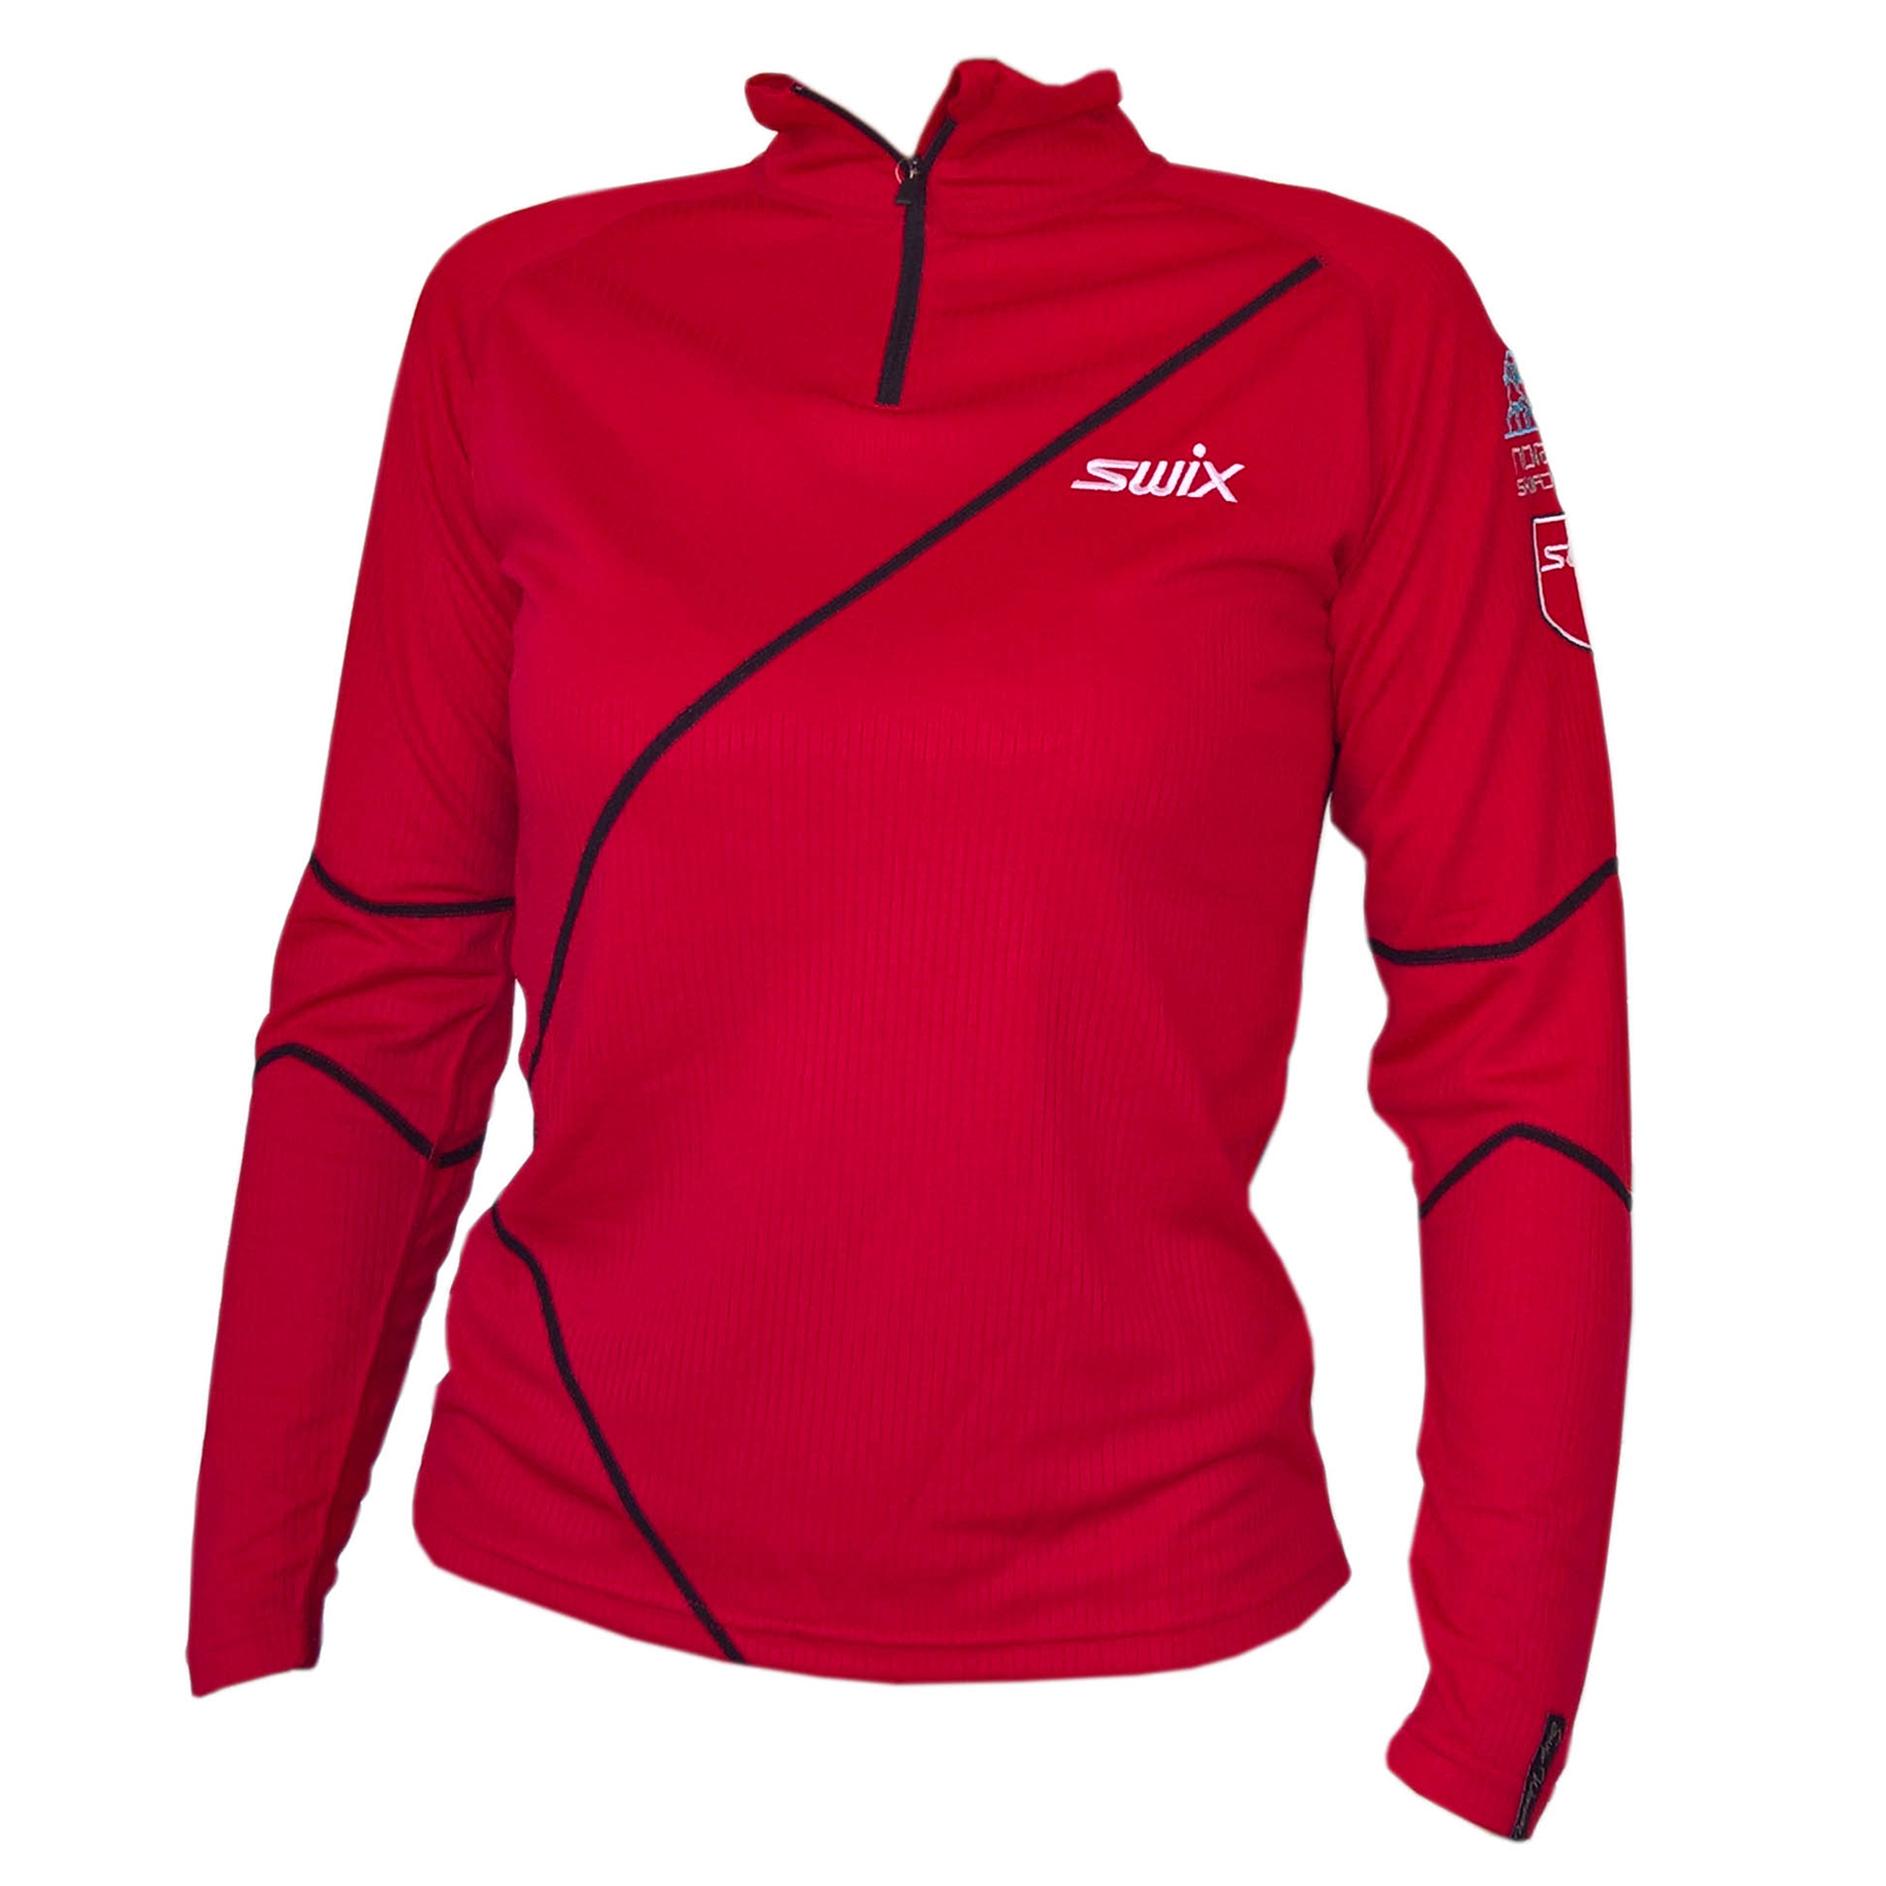 Oblečení SWIX - běžky